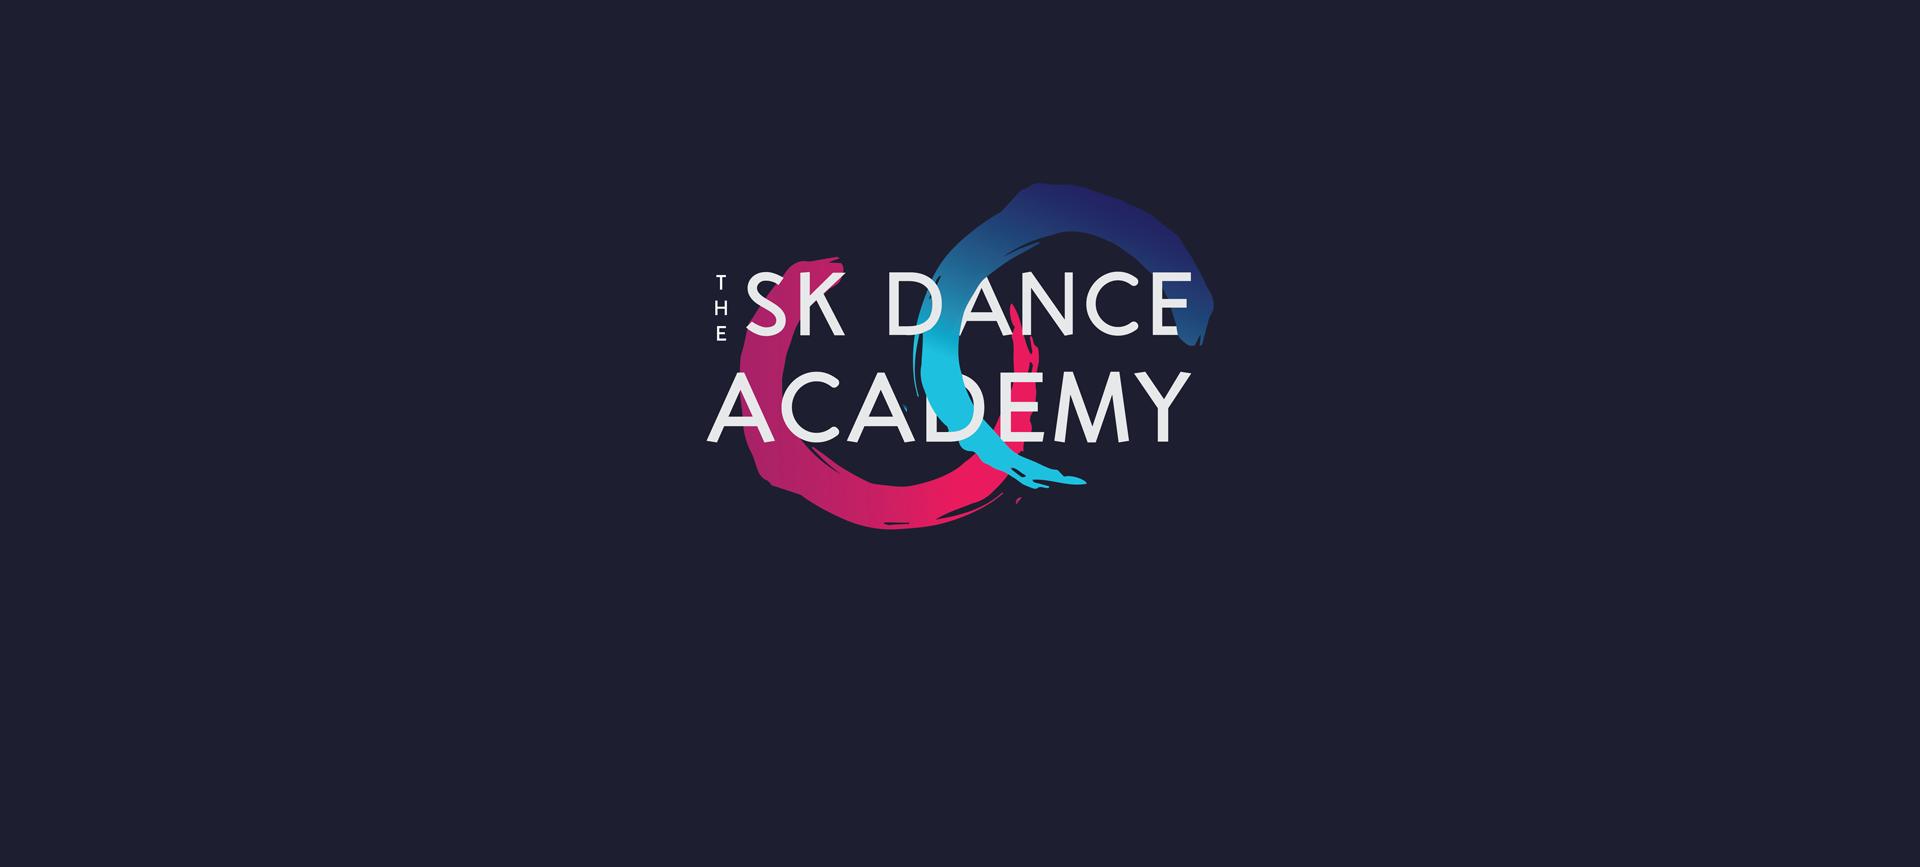 The SK Dance Academy